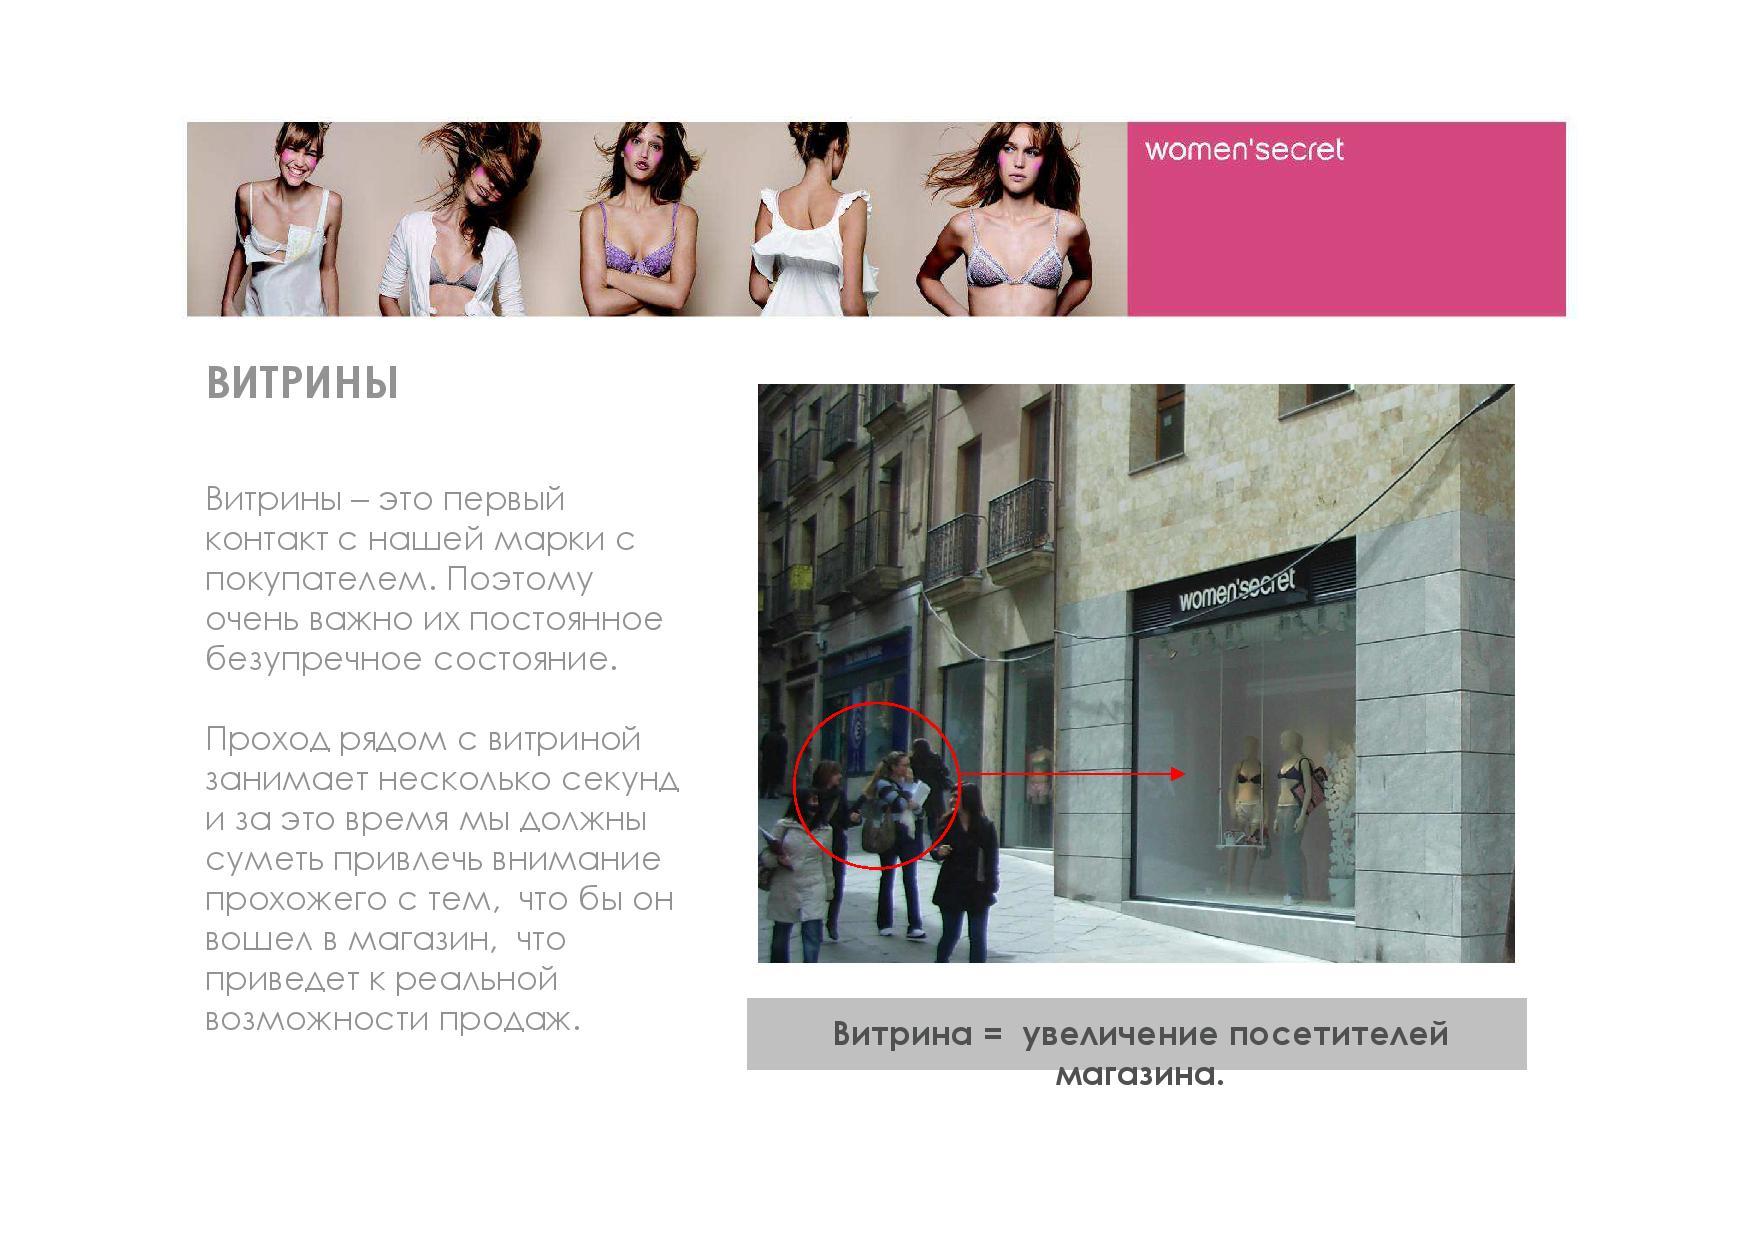 Escaparate traducción ruso pagina 2